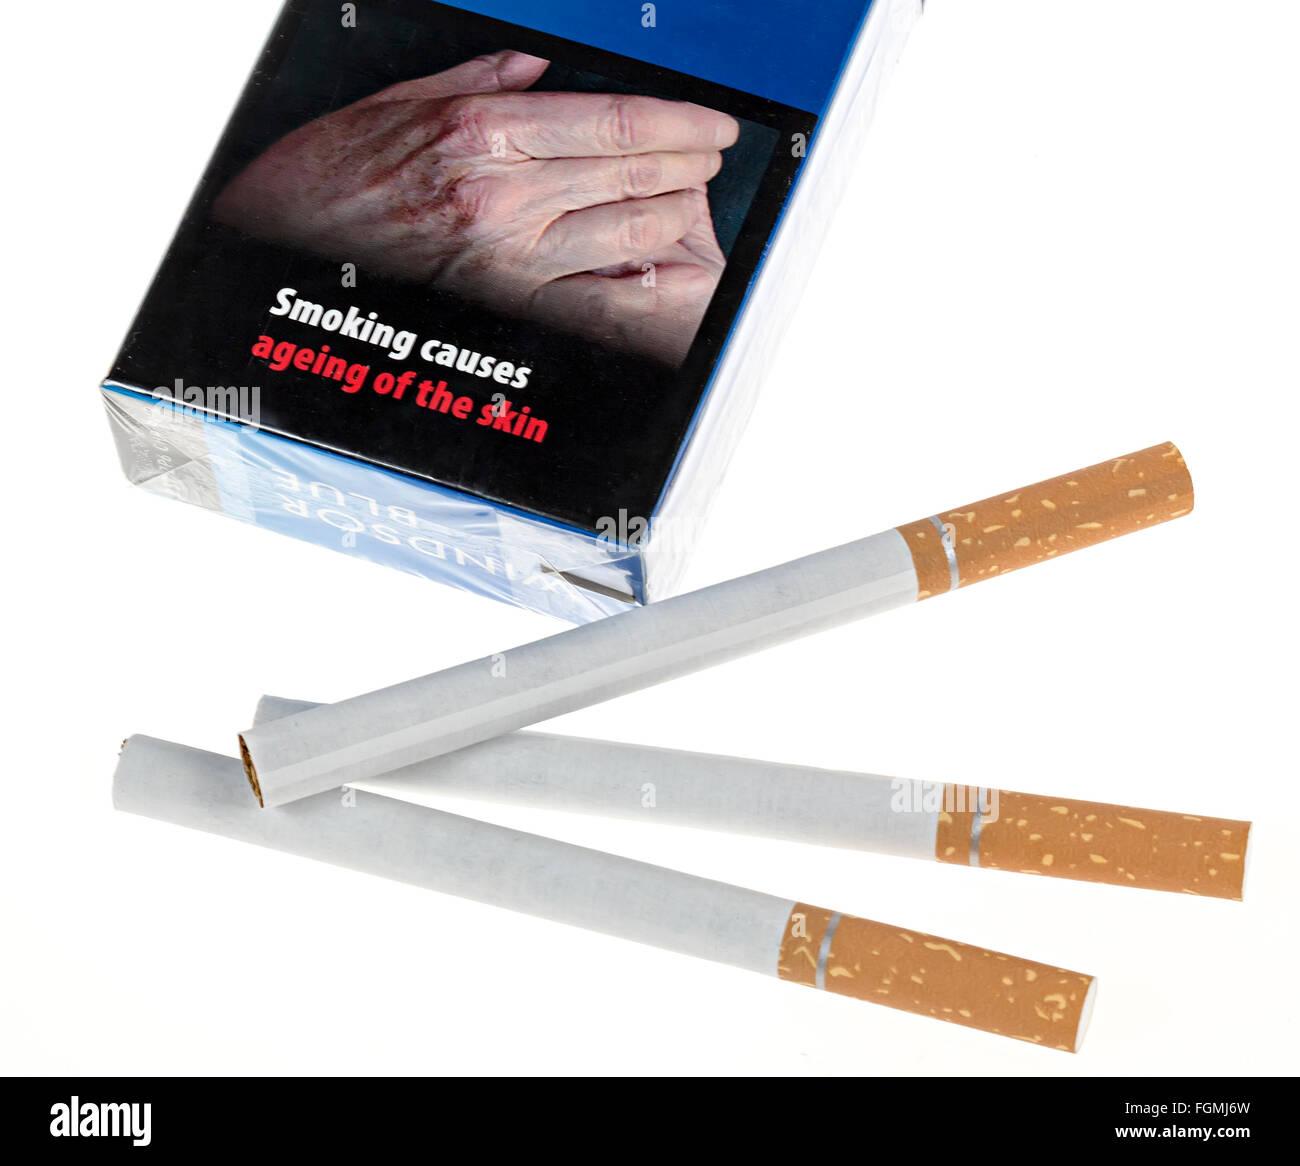 Zigaretten mit Päckchen und Warnung, dass Rauchen Alterung der Haut, UK verursacht Stockbild